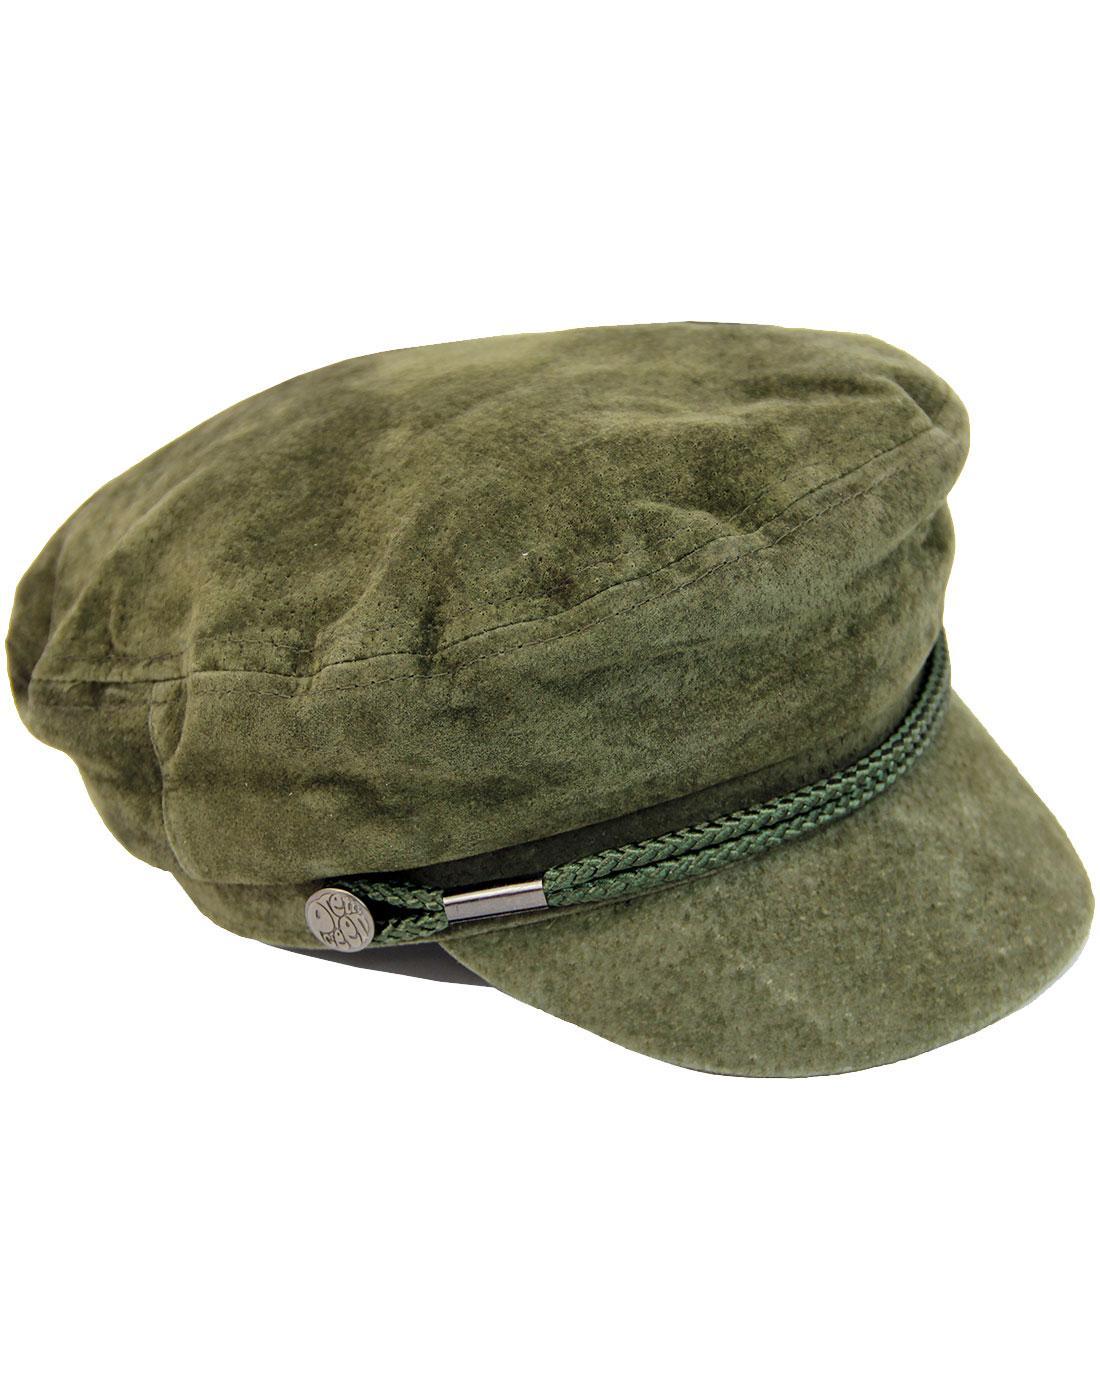 PRETTY GREEN Retro Suede Lennon Beatles Hat in Khaki 00fa8606abf